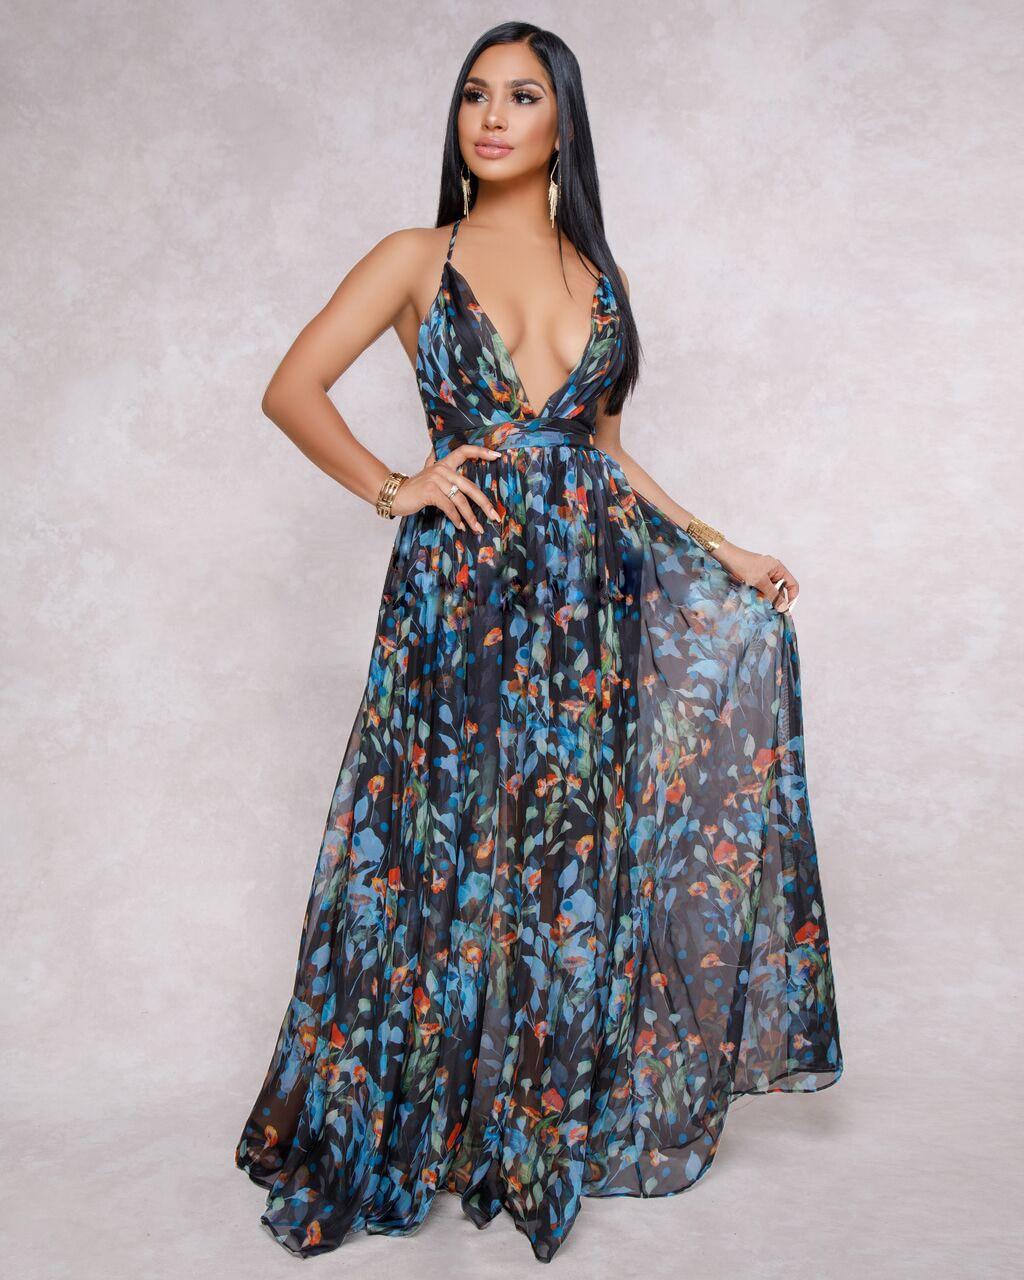 a3cf15736cfb1 Boho Dresses For Women Summer Style Amazon Long Dresses Bohemian ...